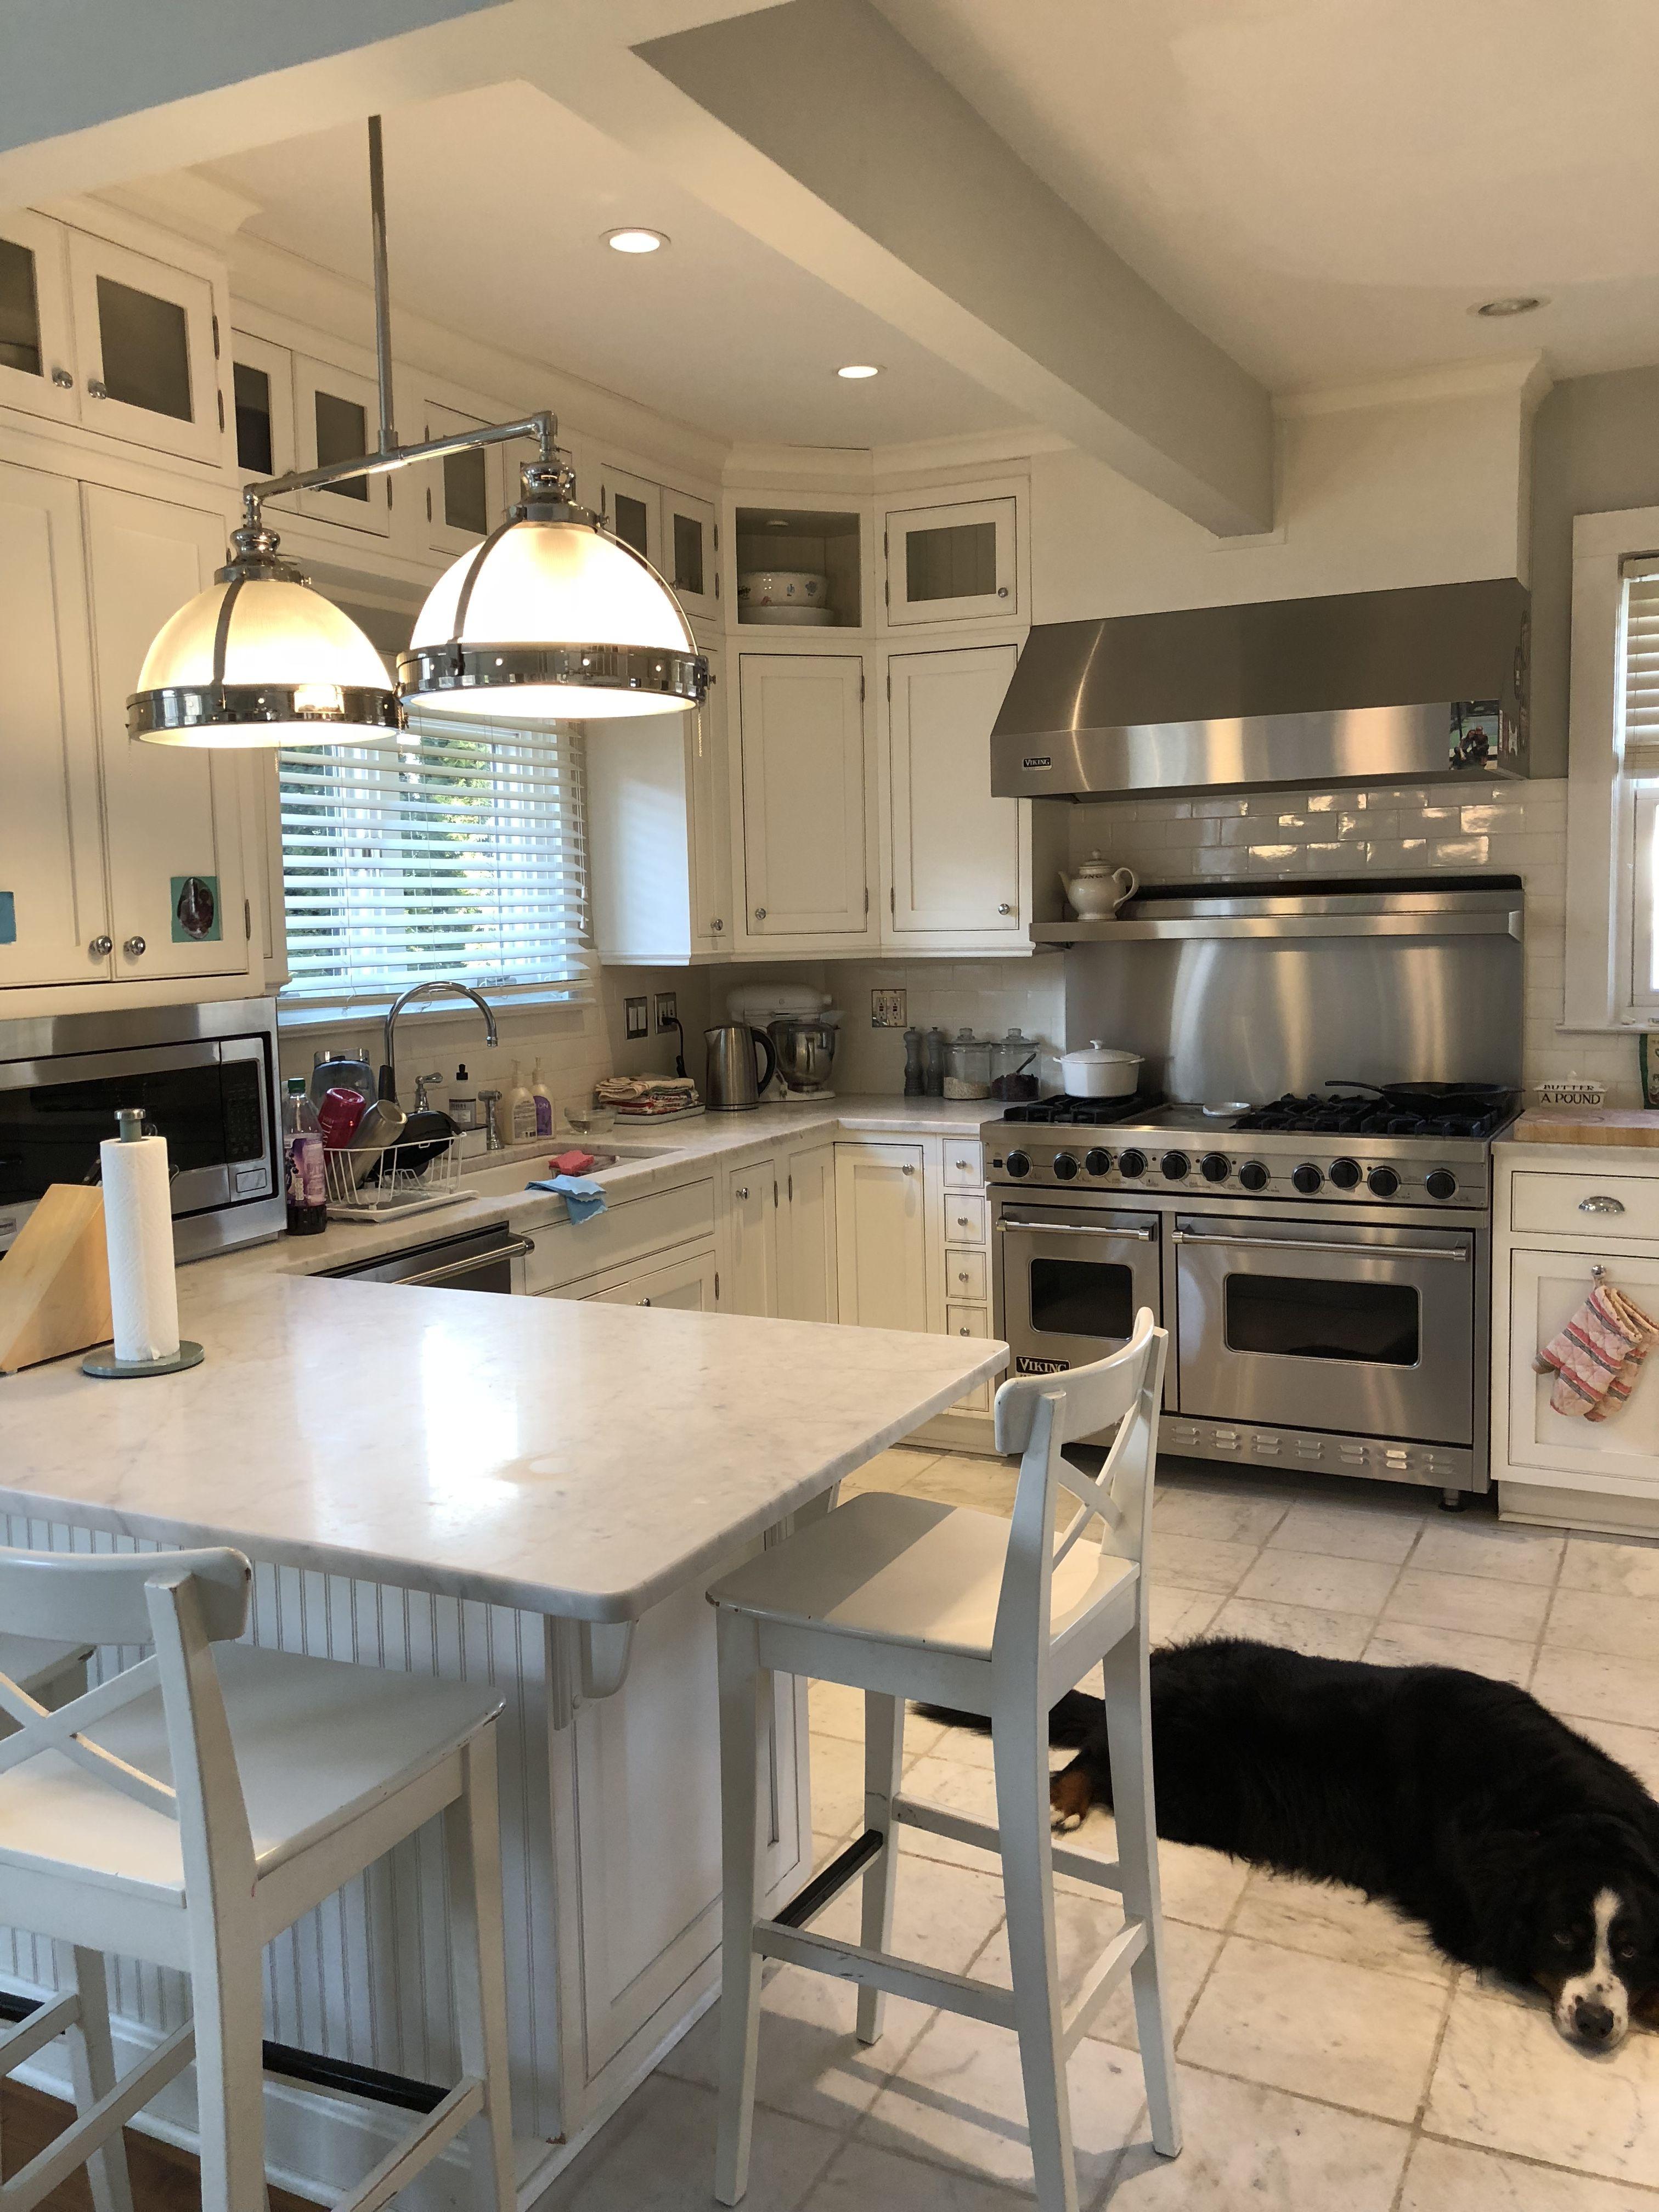 Pin by leigh farrington on kitchen Kitchen, Home decor